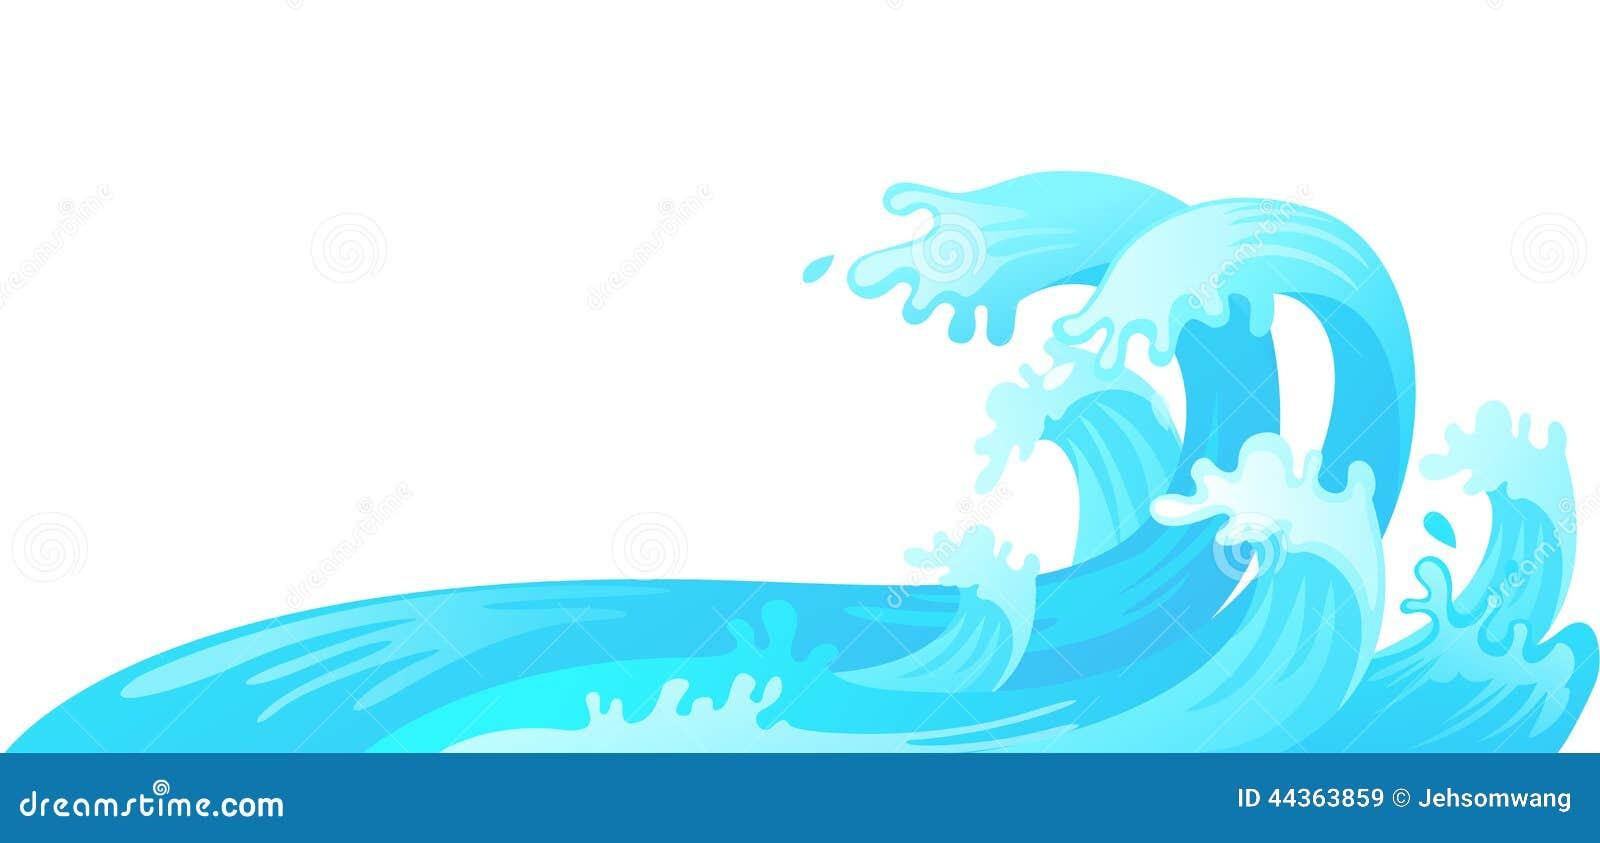 Onda di acqua